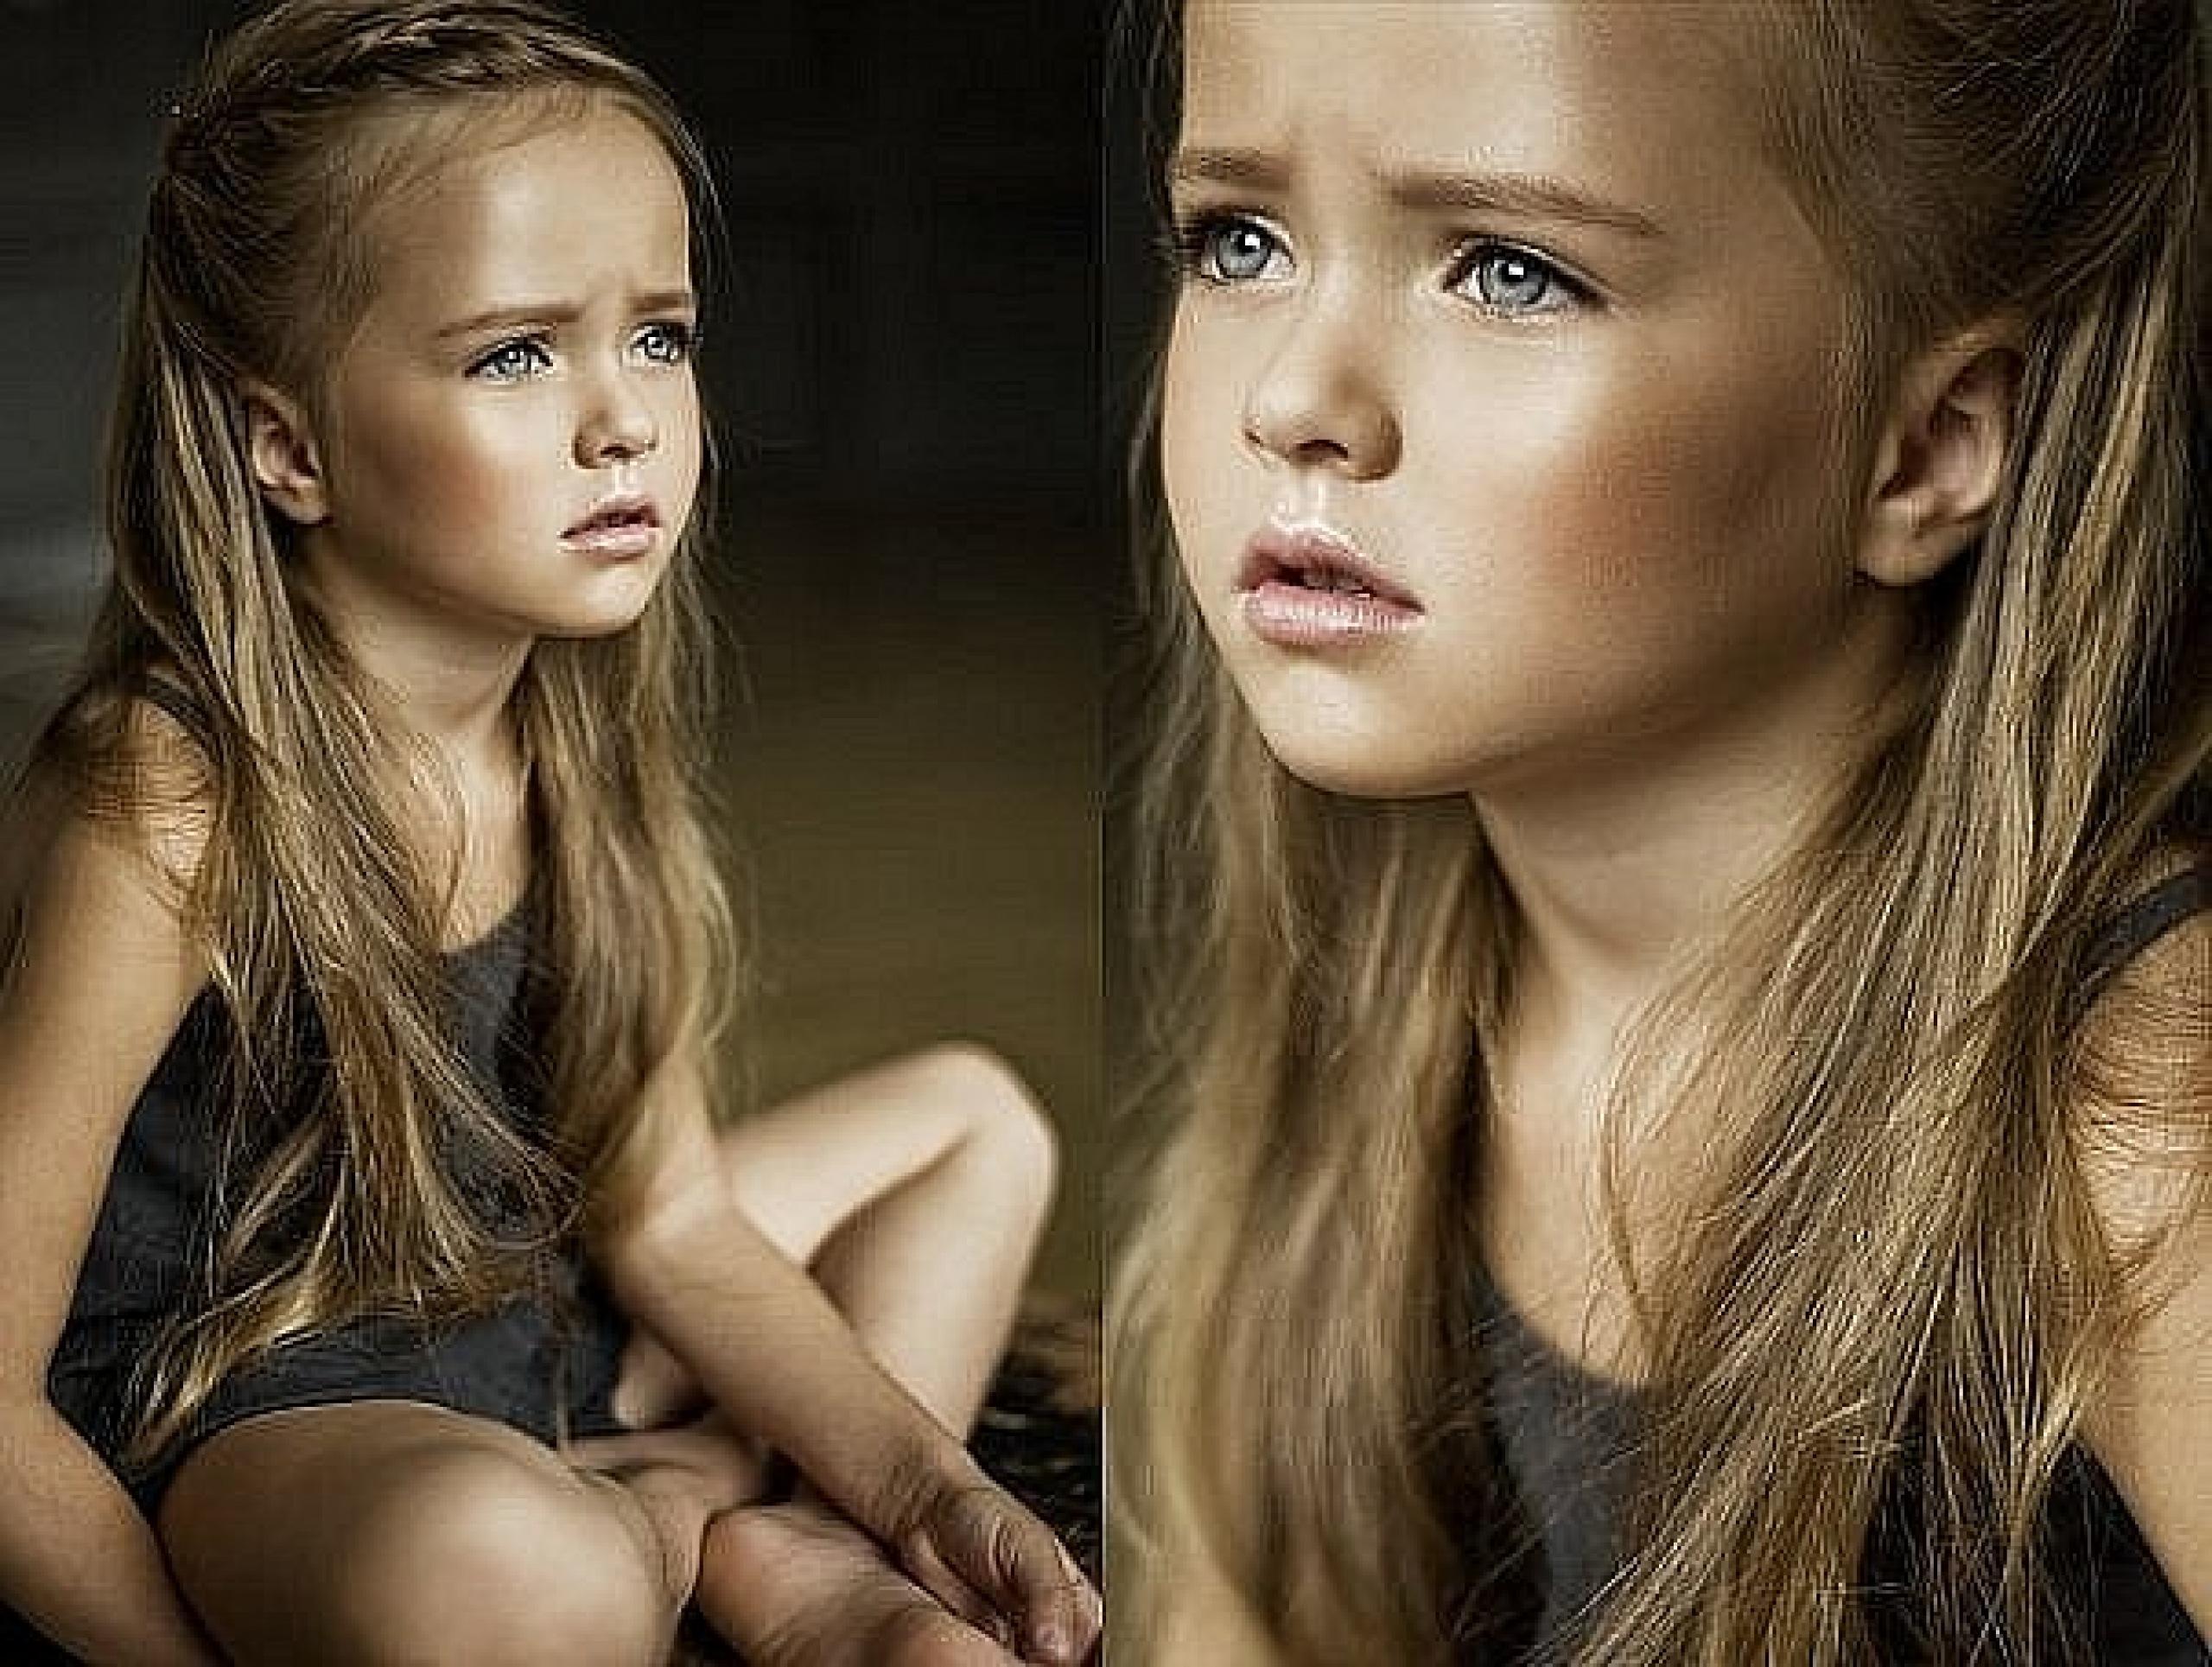 Самые красивые и богатые девушки вконтакте 8 фотография